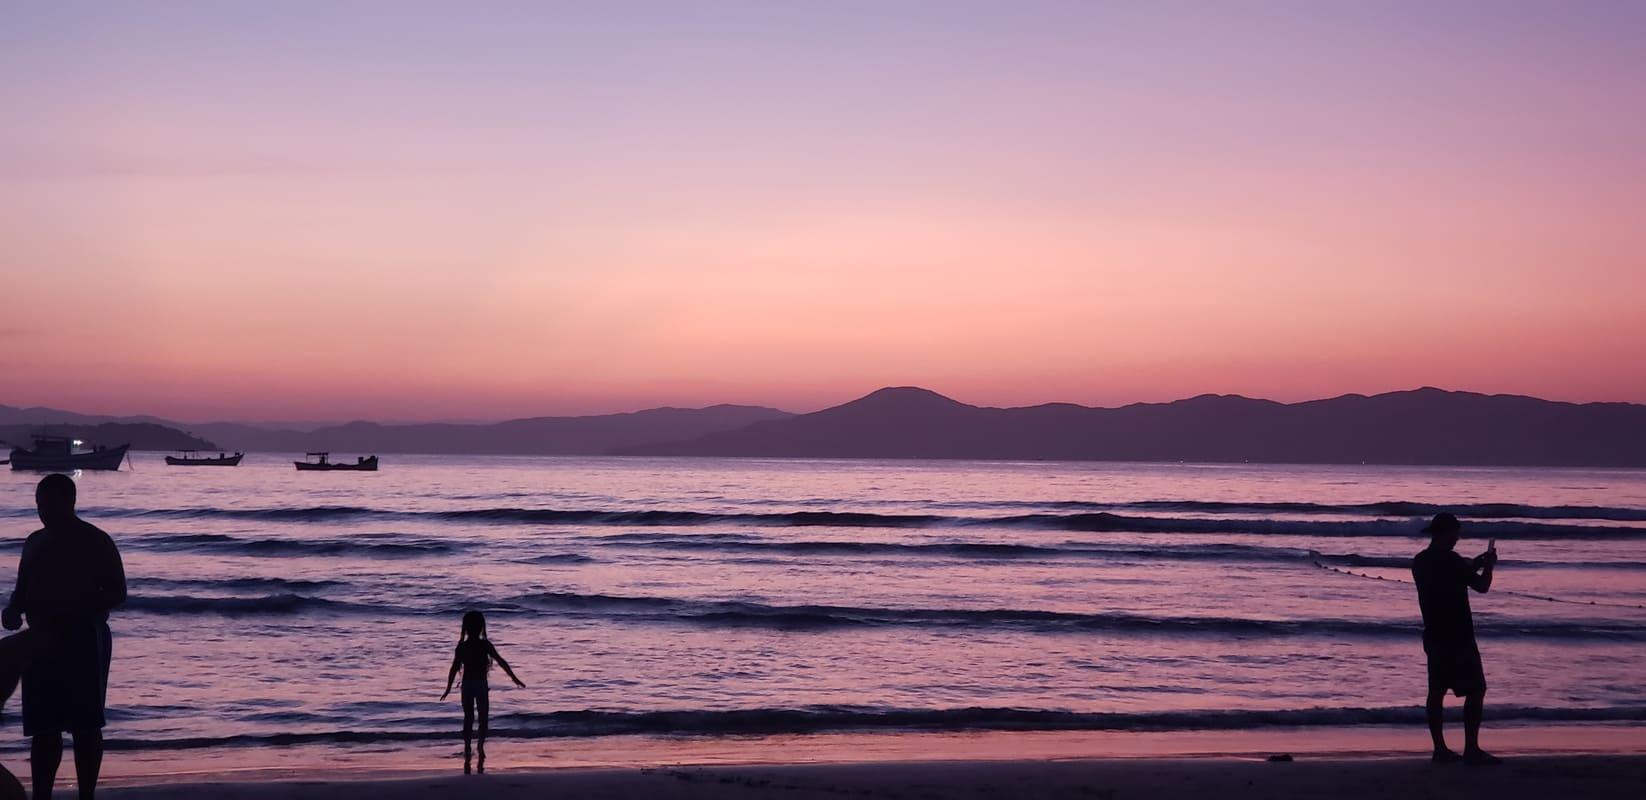 Anoitecer na Praia - Residencial Araras, Ponta das Canas, Florianópolis, Brasil